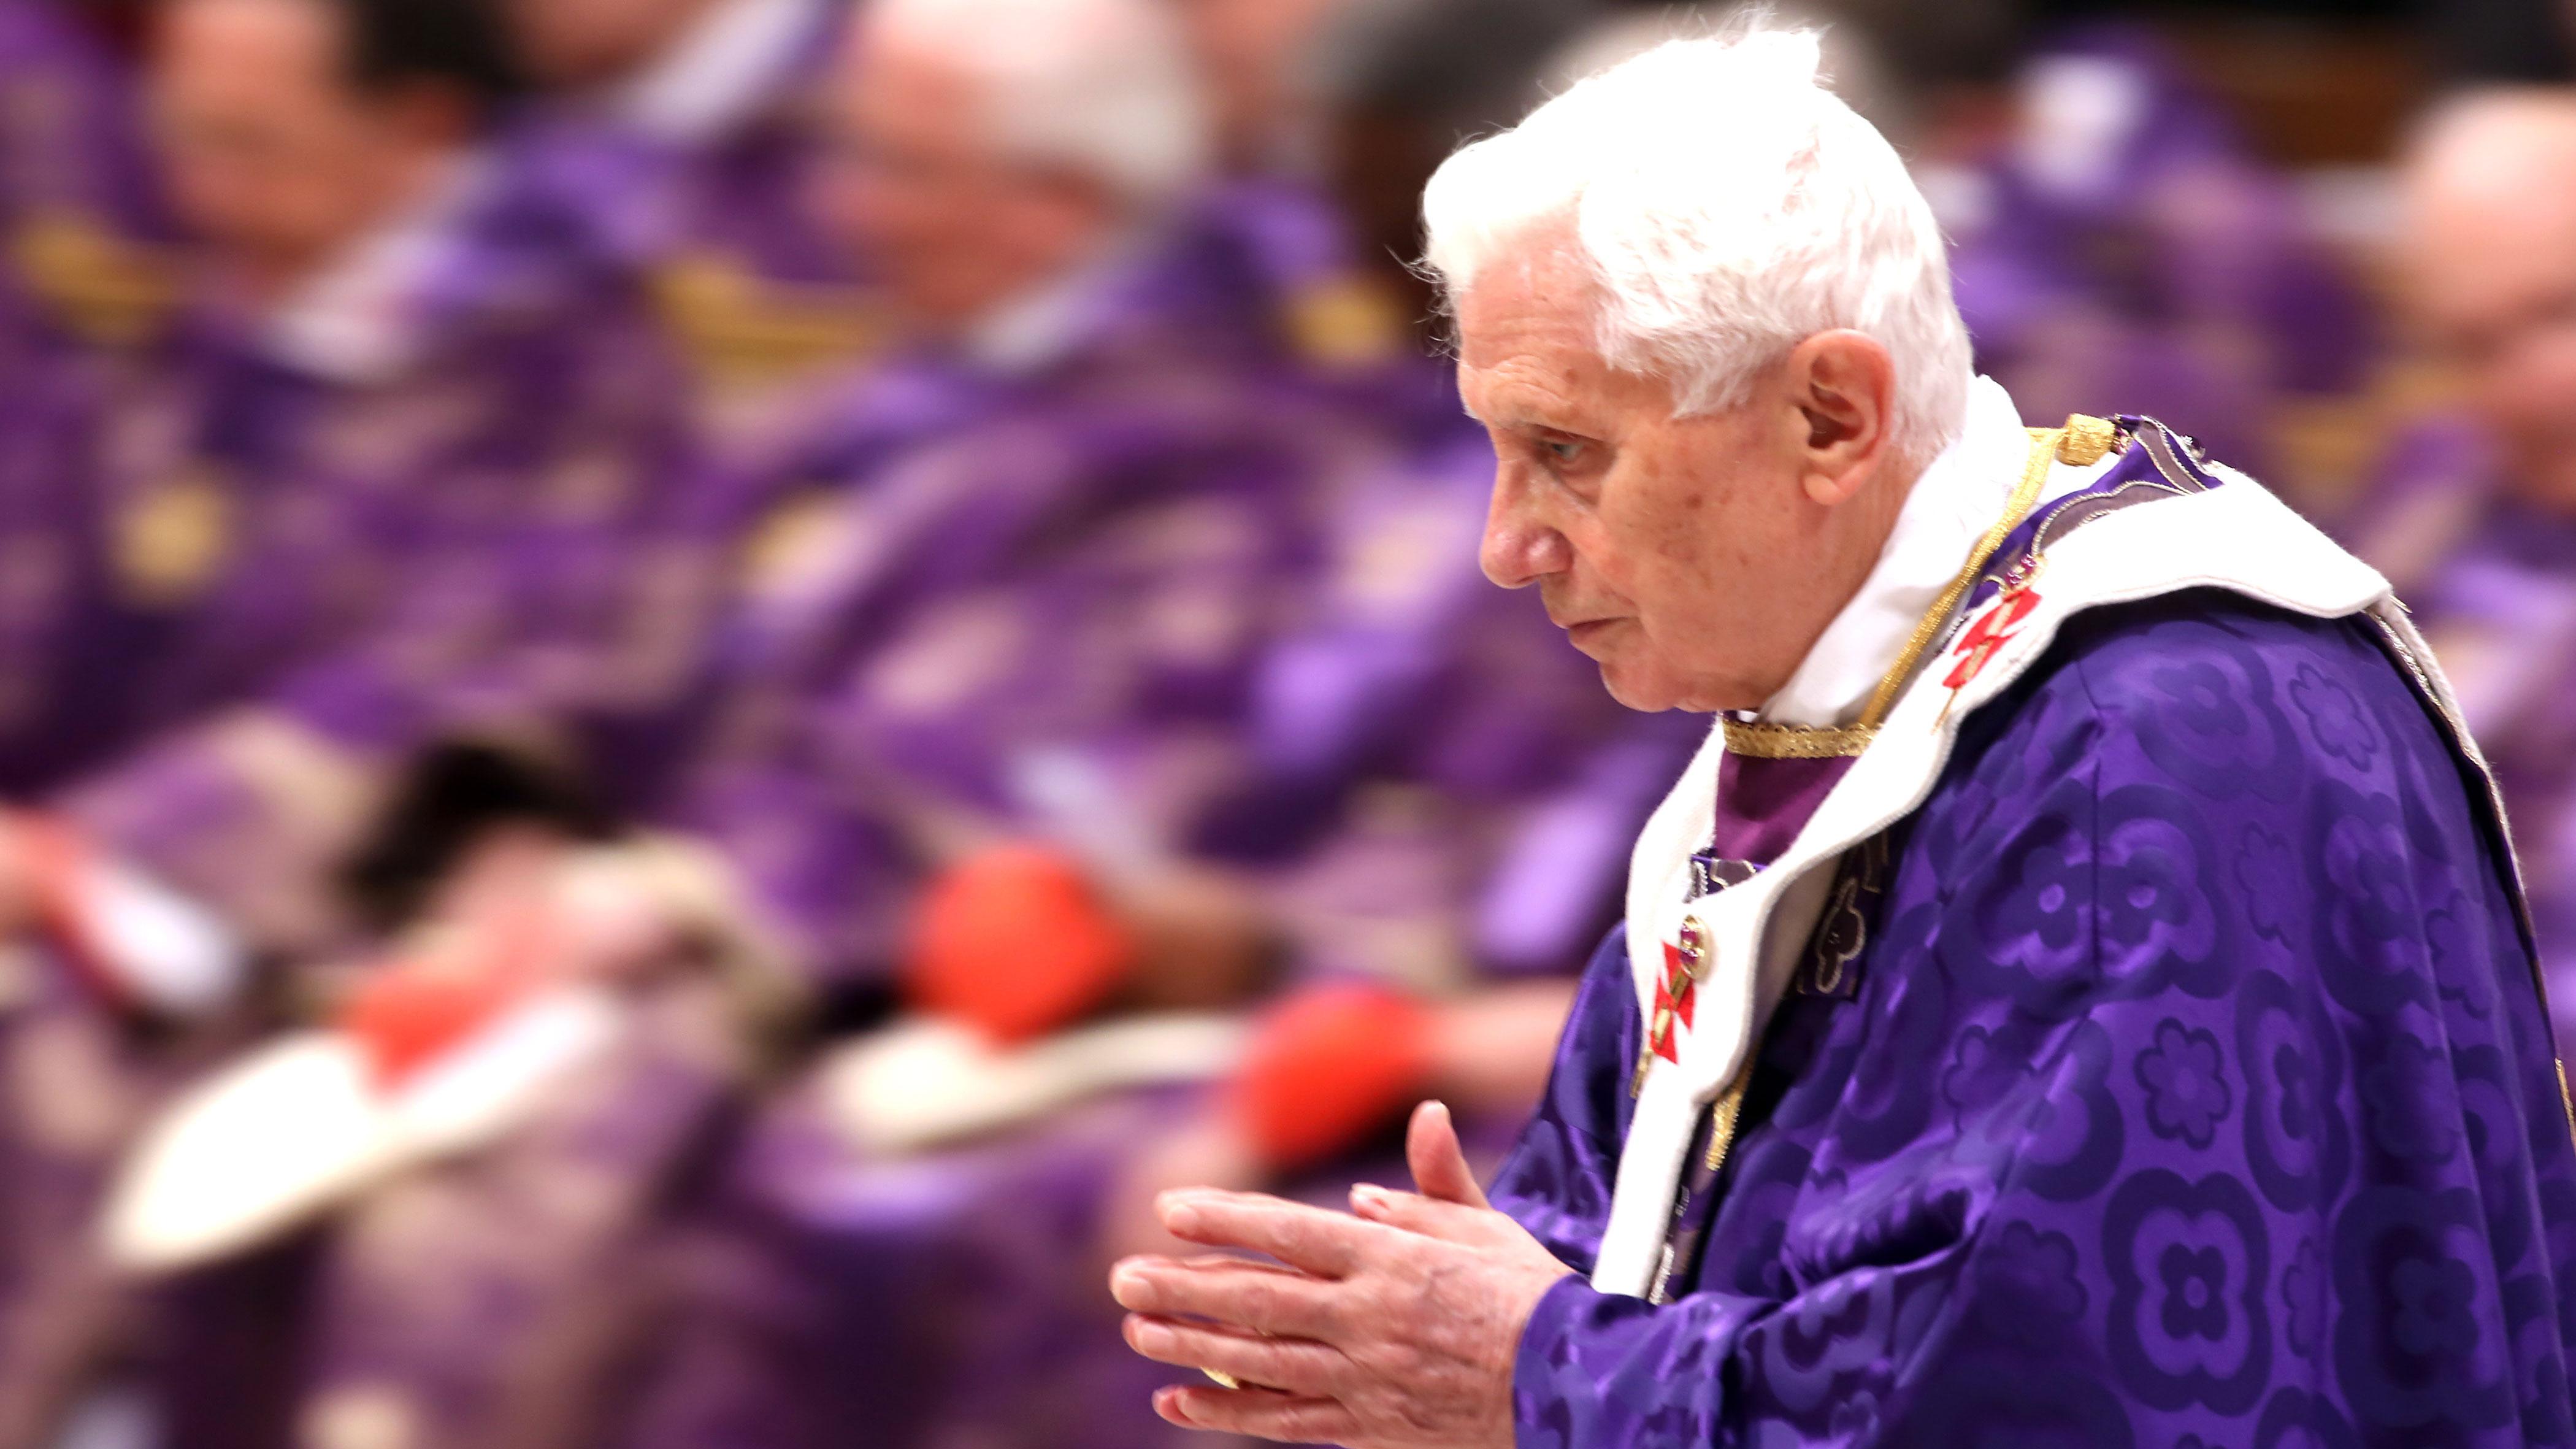 benedicto XVI castel gandolfo enciclicas oraciones exhortaciones apostolicas krouillong sacrilegio comunion en la mano 63